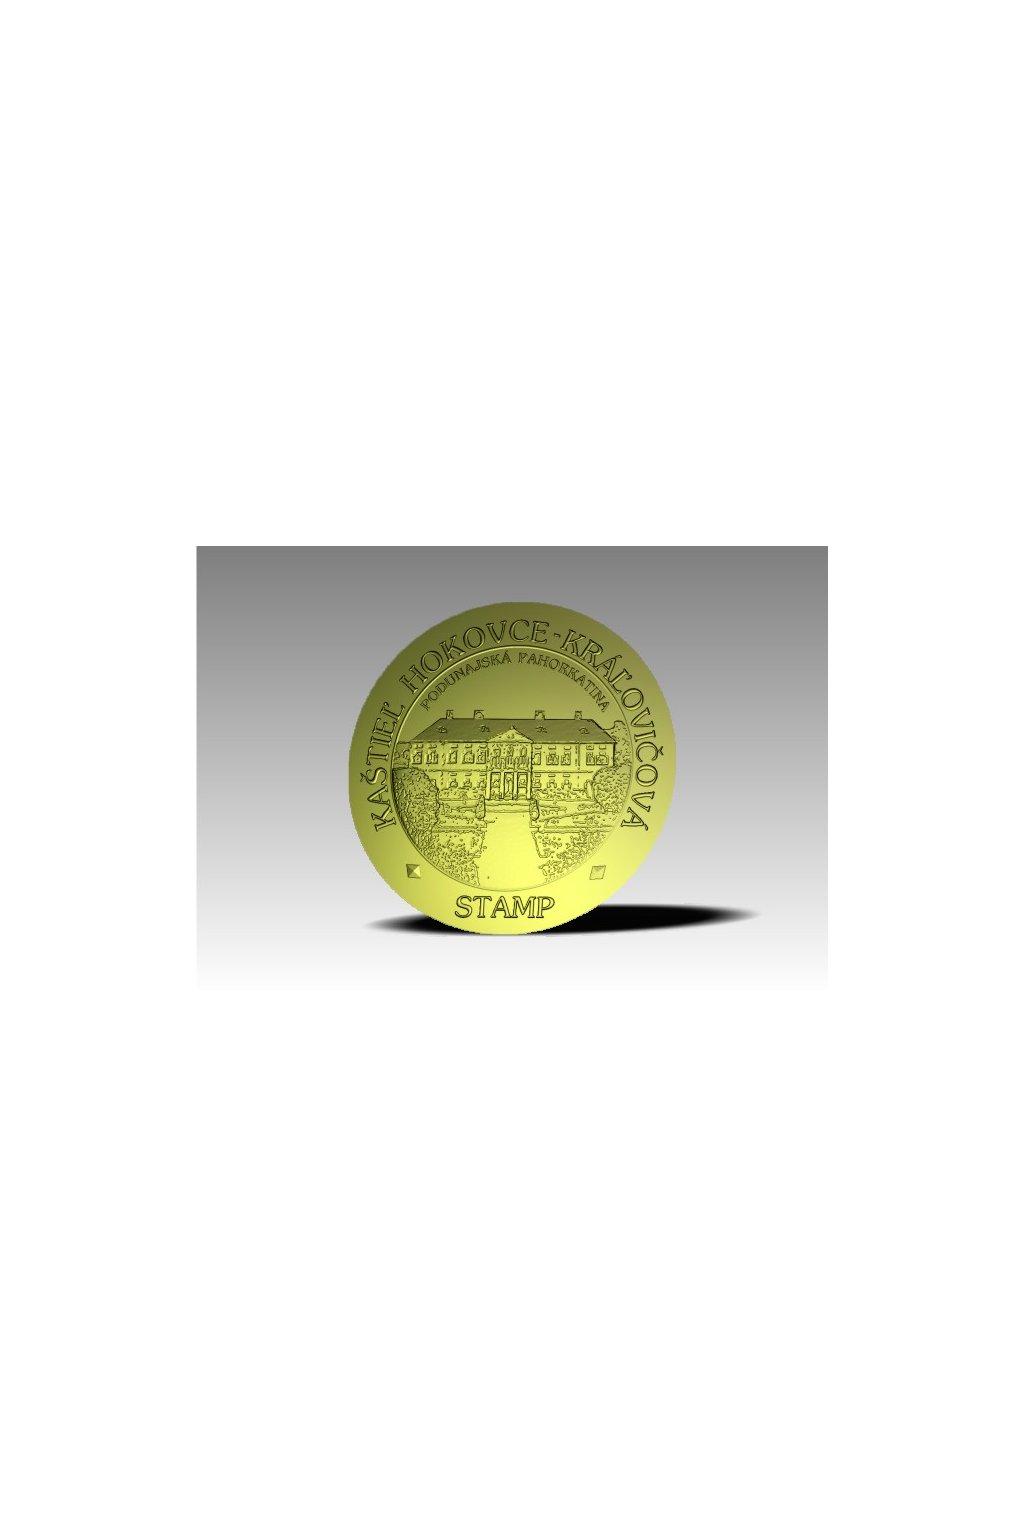 2600085 kastiel hokovce kralovicova podunajska pahorkatina